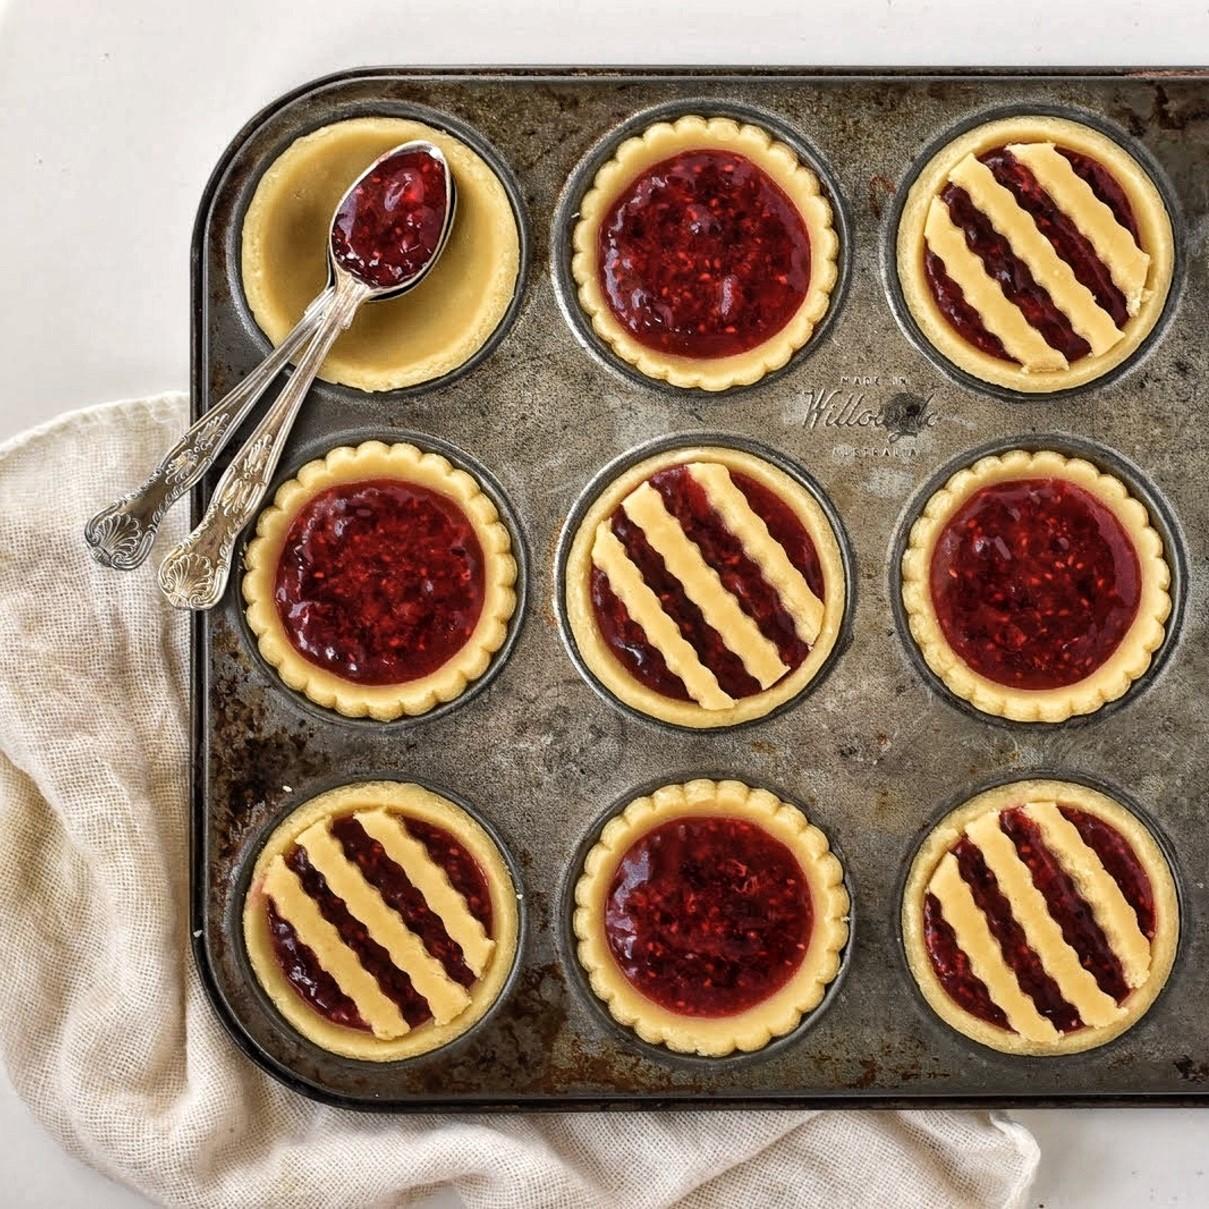 Jam Tarts in tins before baking.